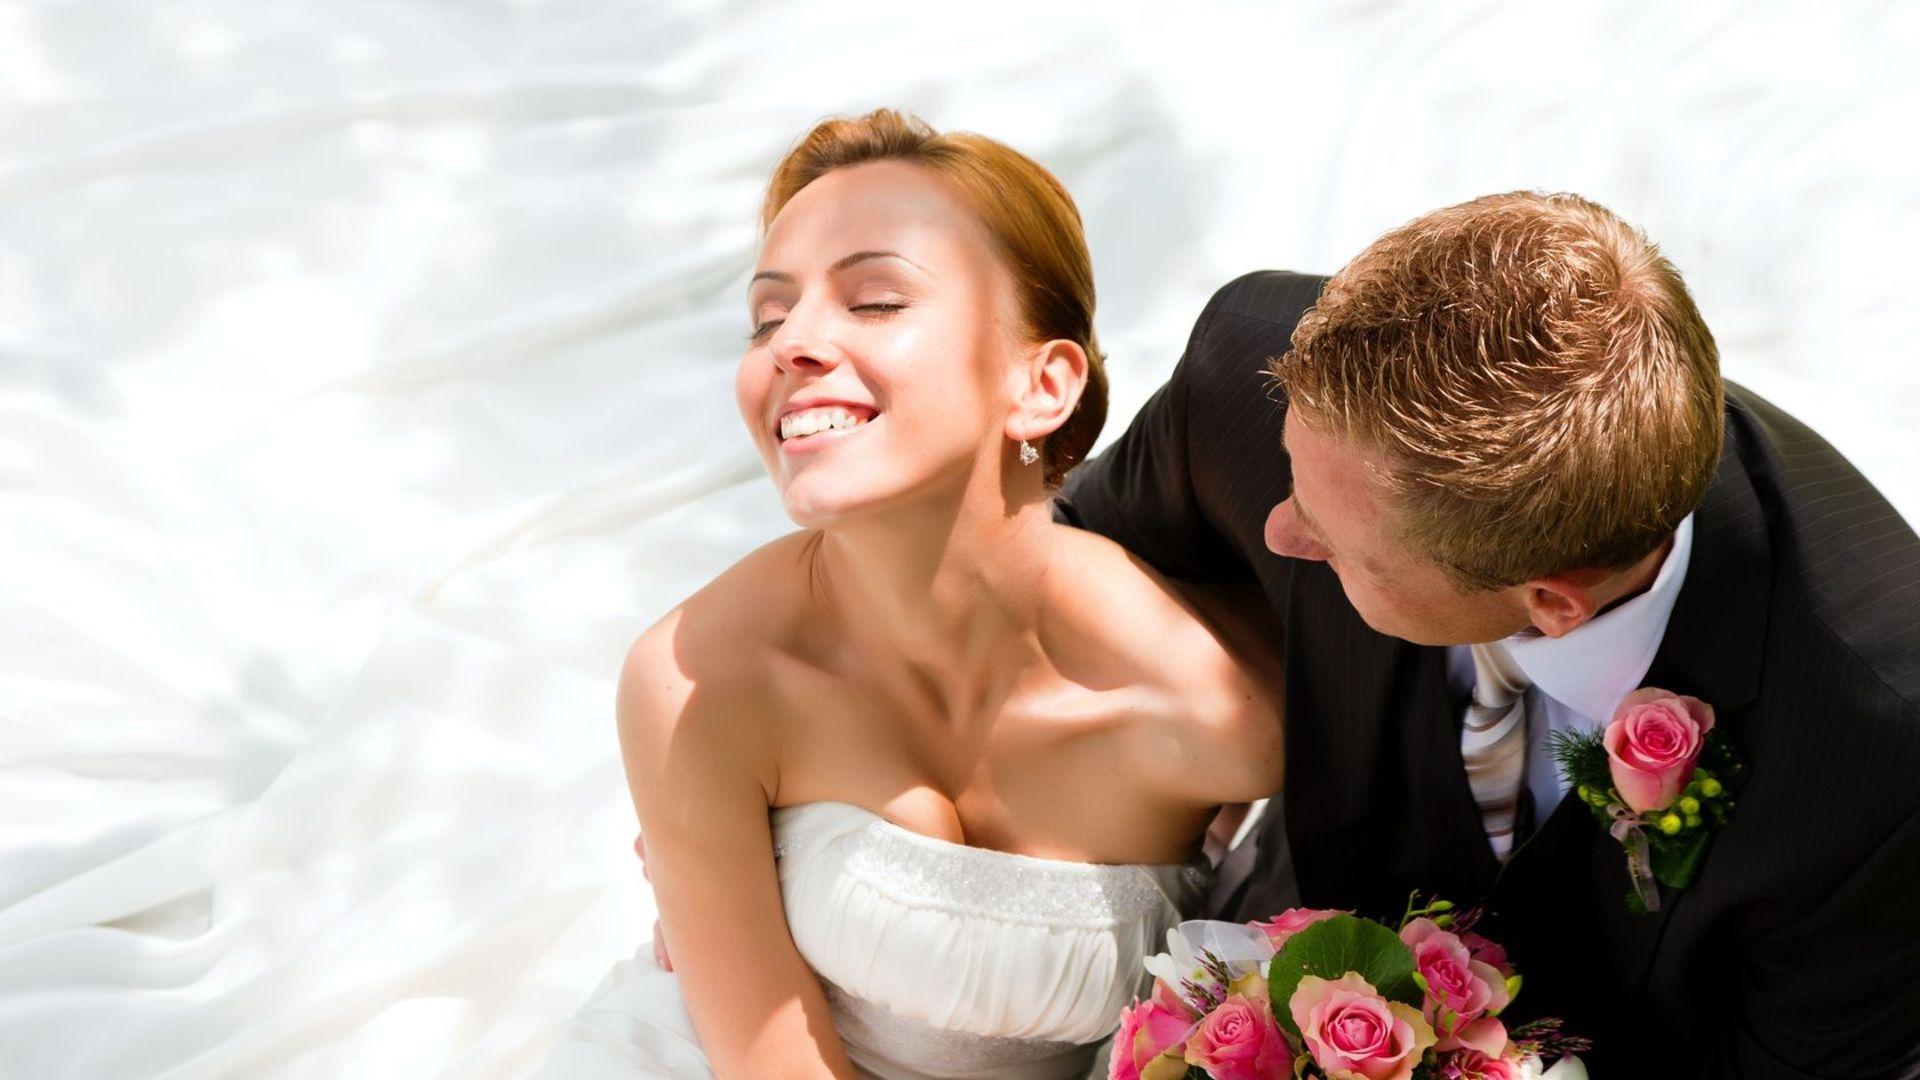 Где сделать красивые фото на свадьбу